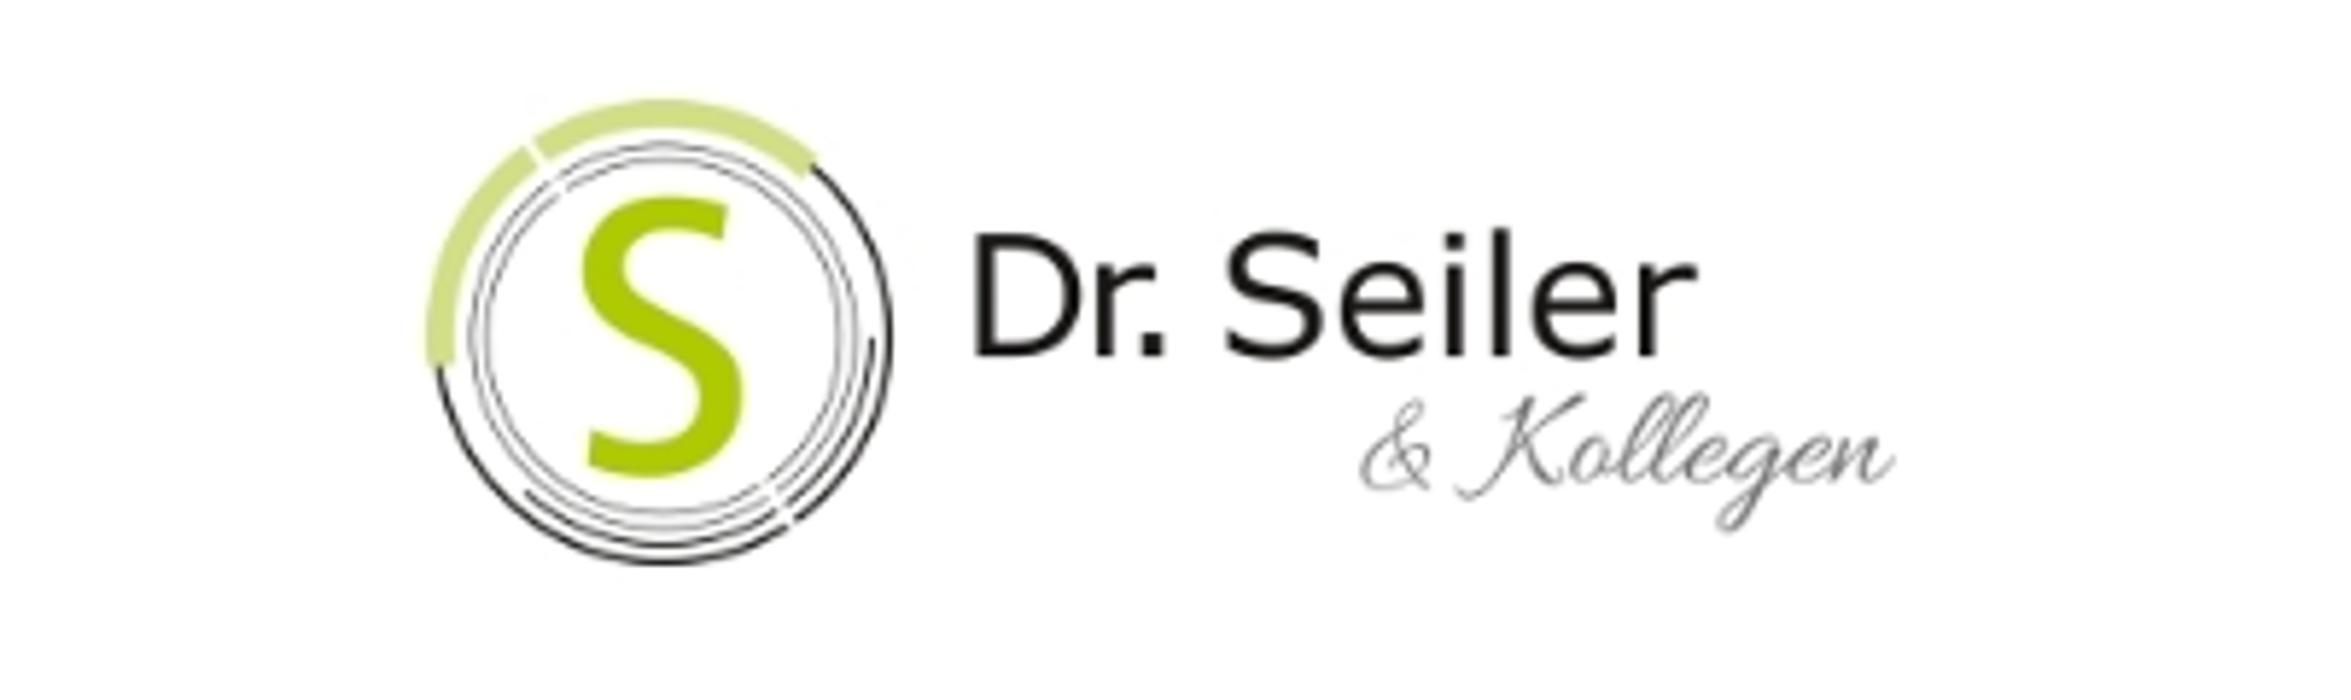 Bild zu Praxis Dr. Seiler & Kollegen in Freiburg im Breisgau